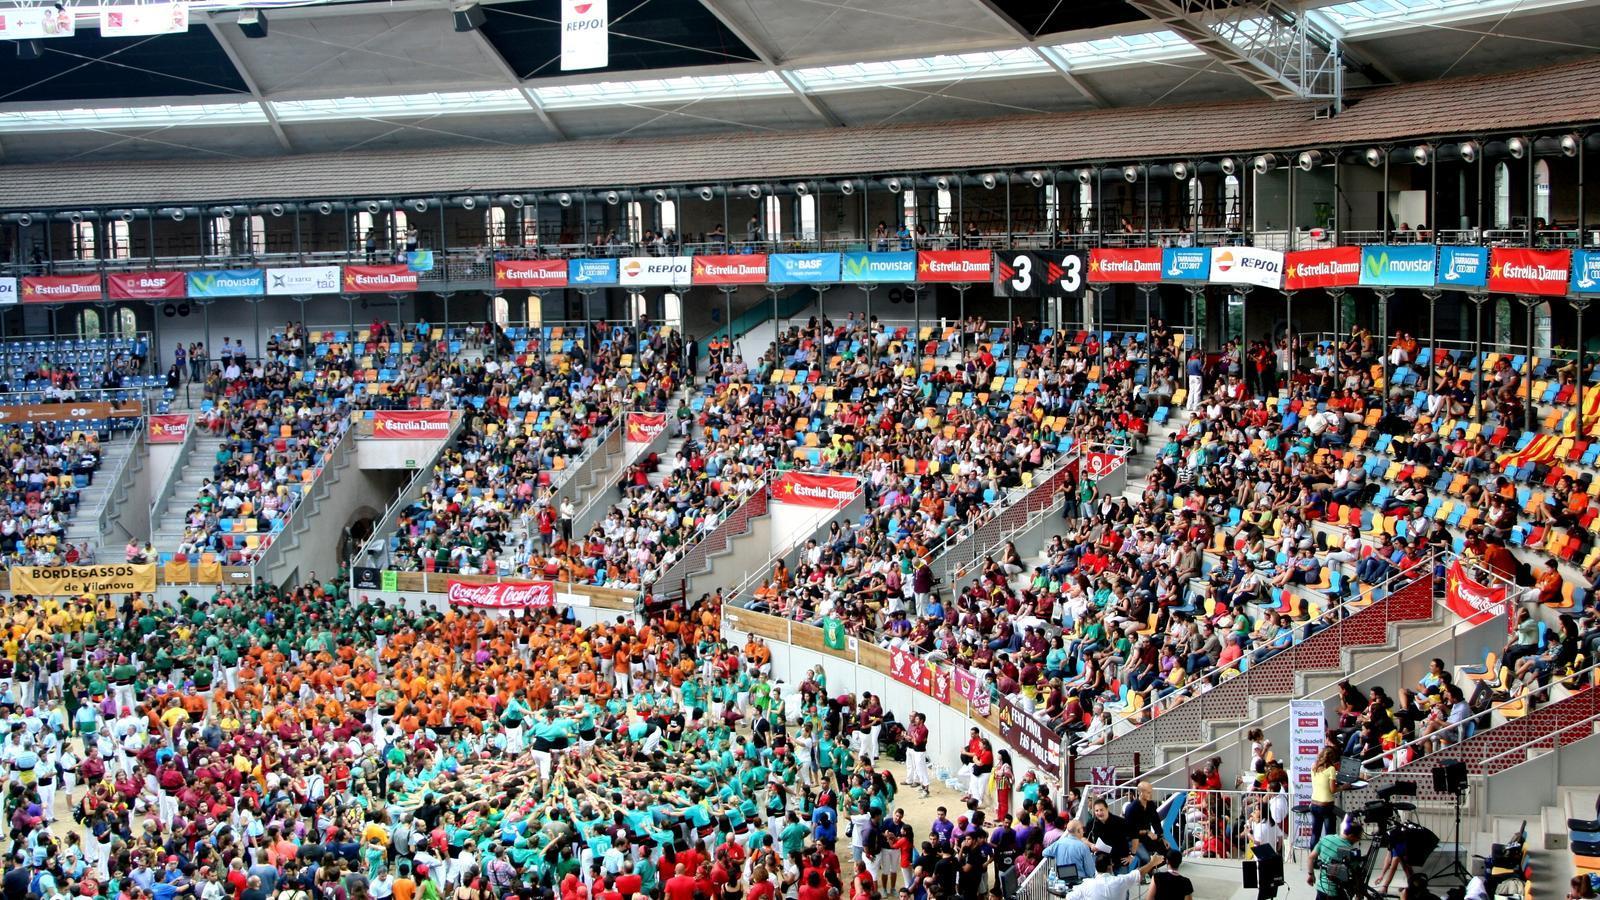 La Tarraco Arena Plaça s'omple cada dos anys de camises multicolors